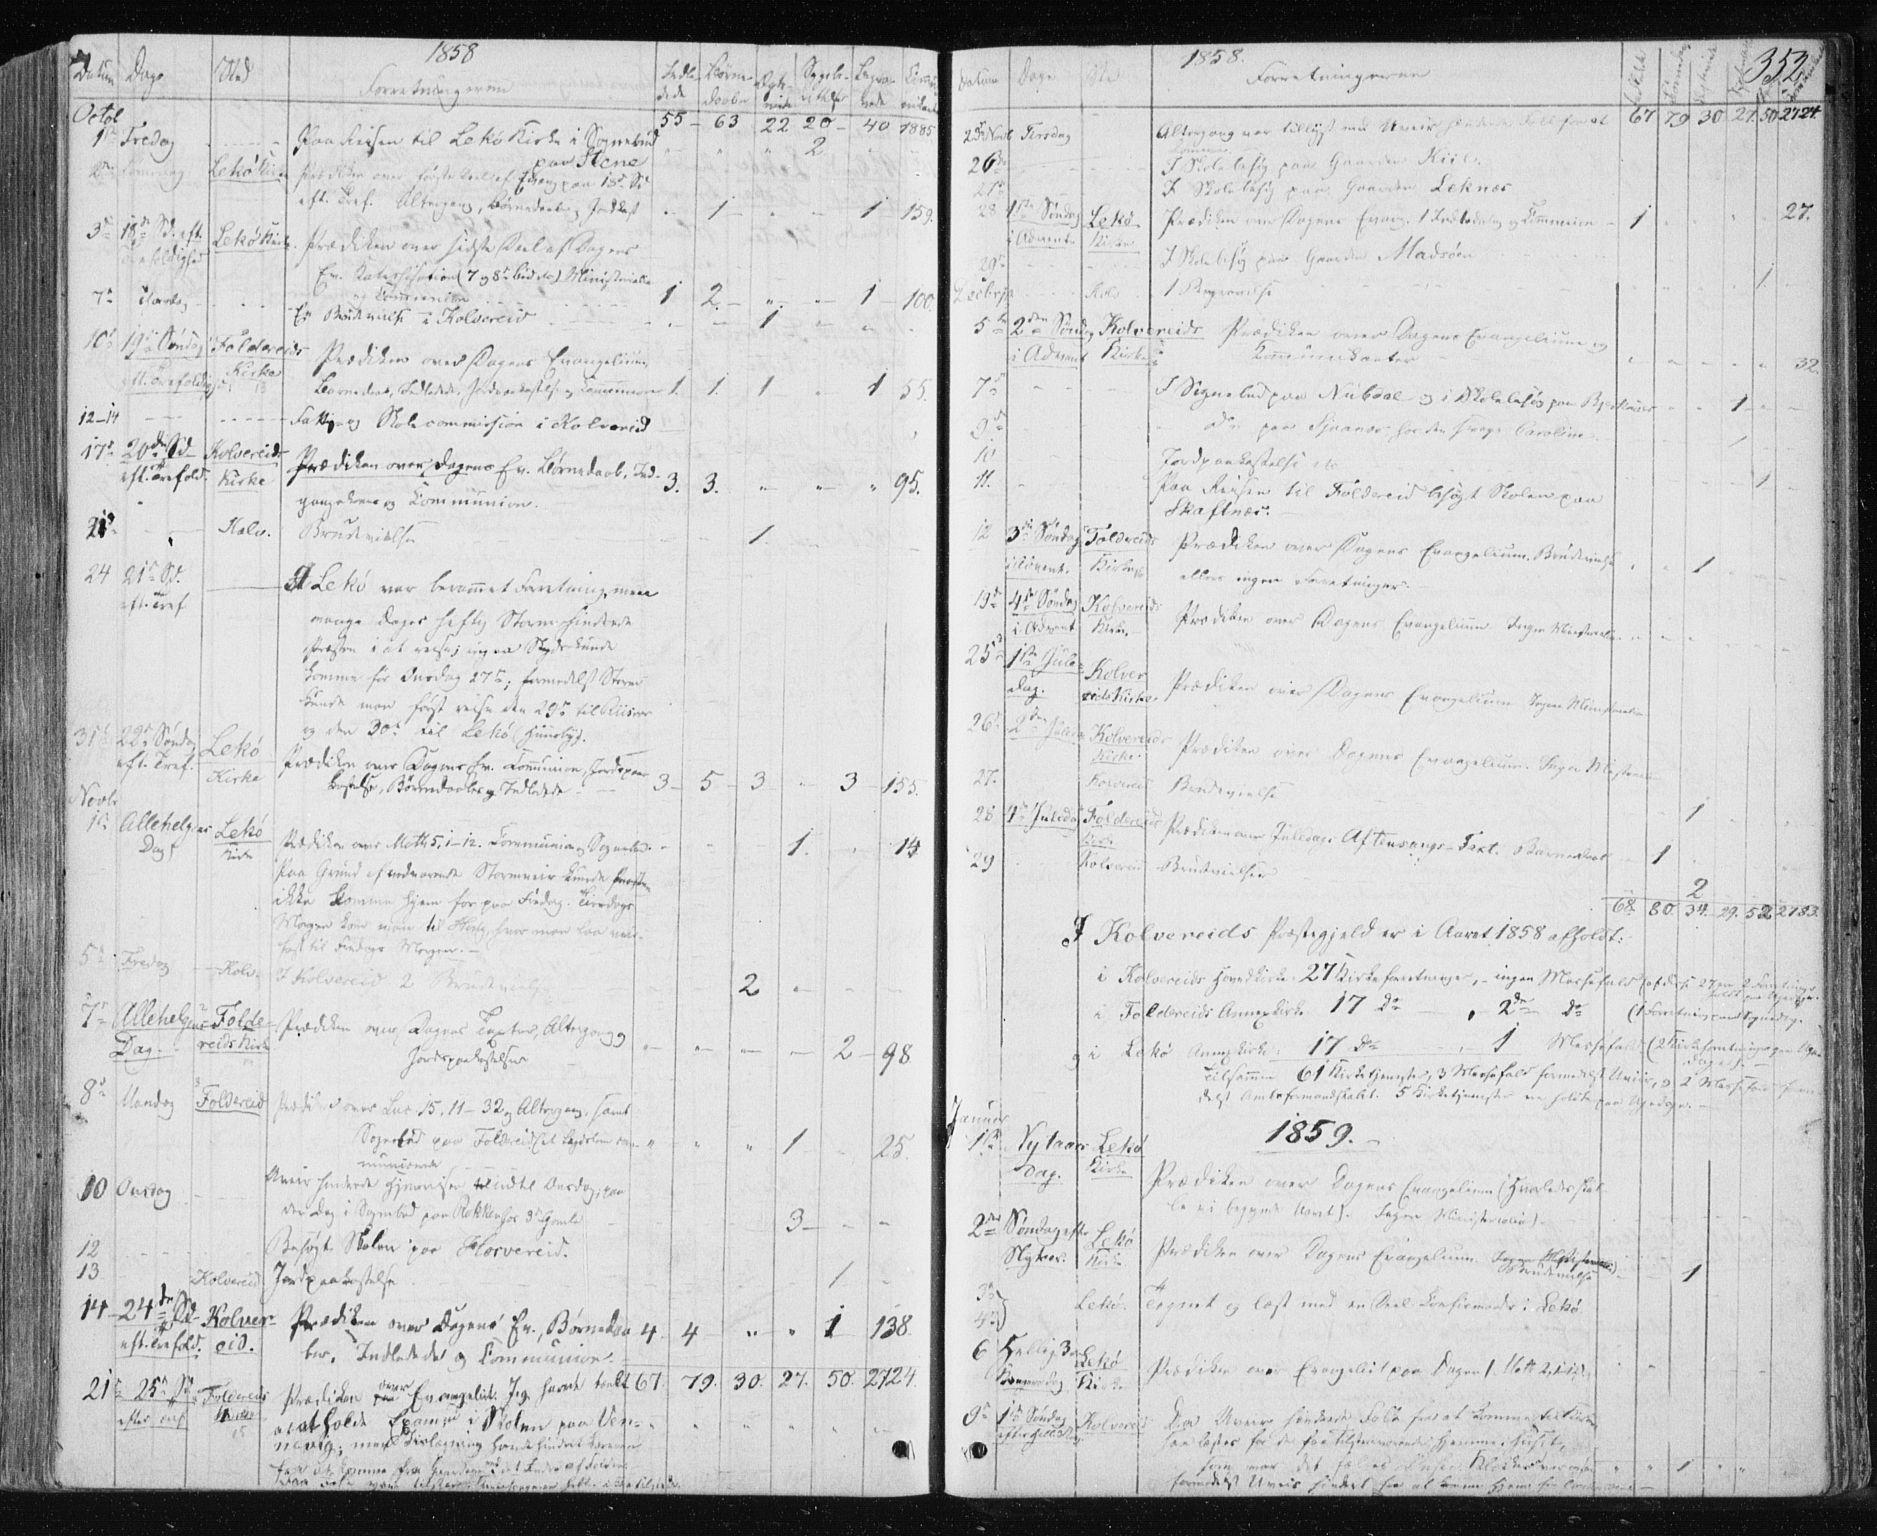 SAT, Ministerialprotokoller, klokkerbøker og fødselsregistre - Nord-Trøndelag, 780/L0641: Ministerialbok nr. 780A06, 1857-1874, s. 352